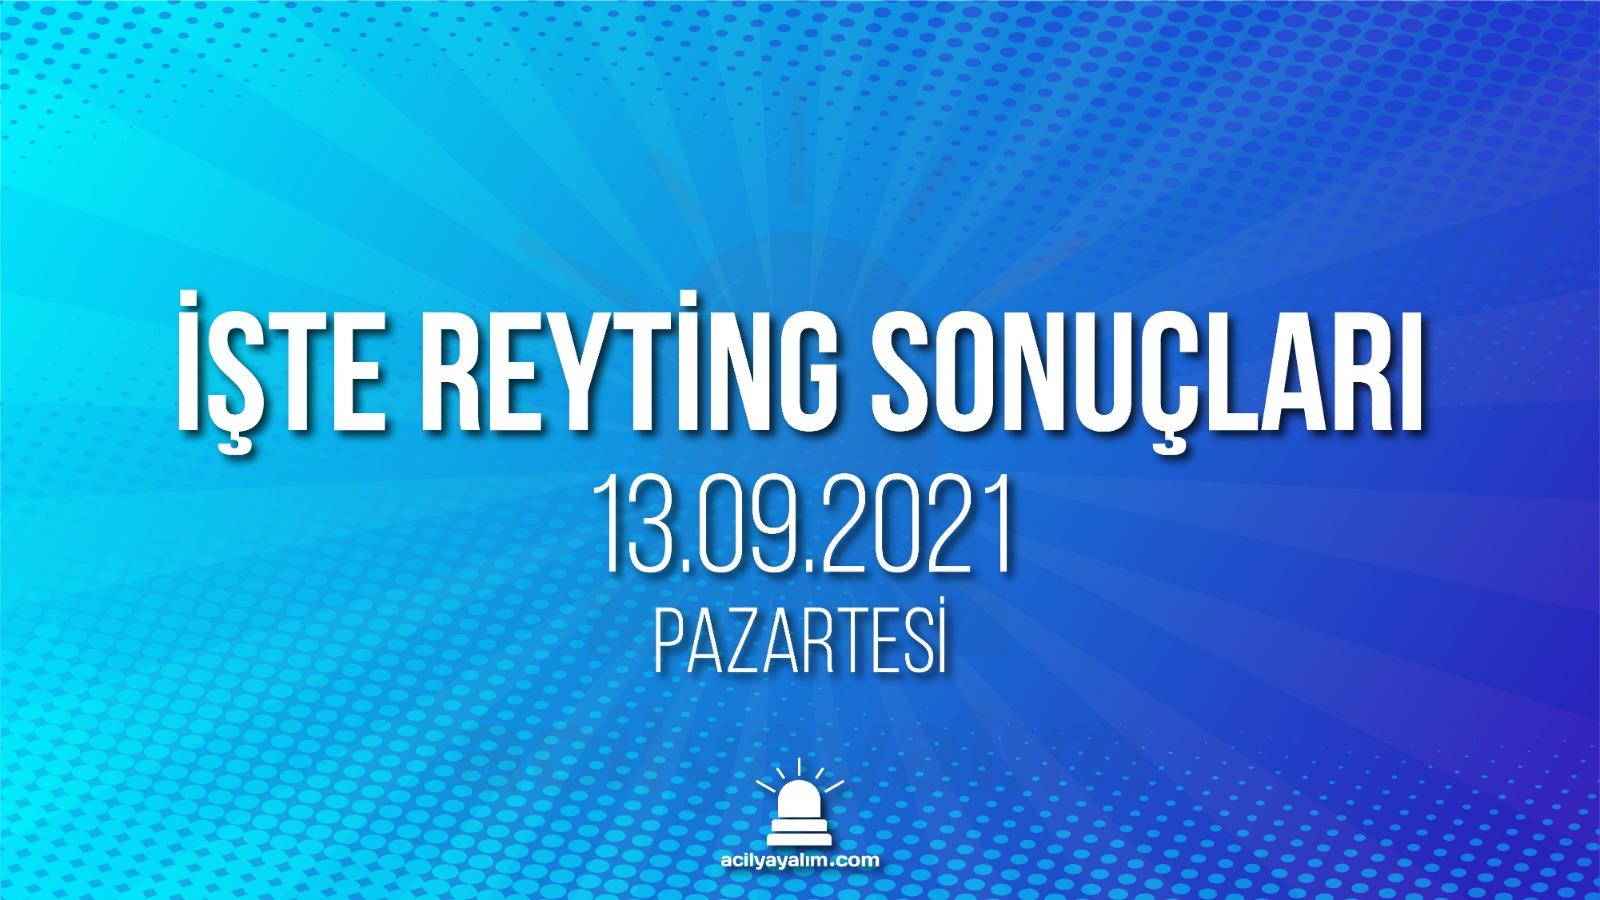 13 Eylül 2021 Pazartesi reyting sonuçları